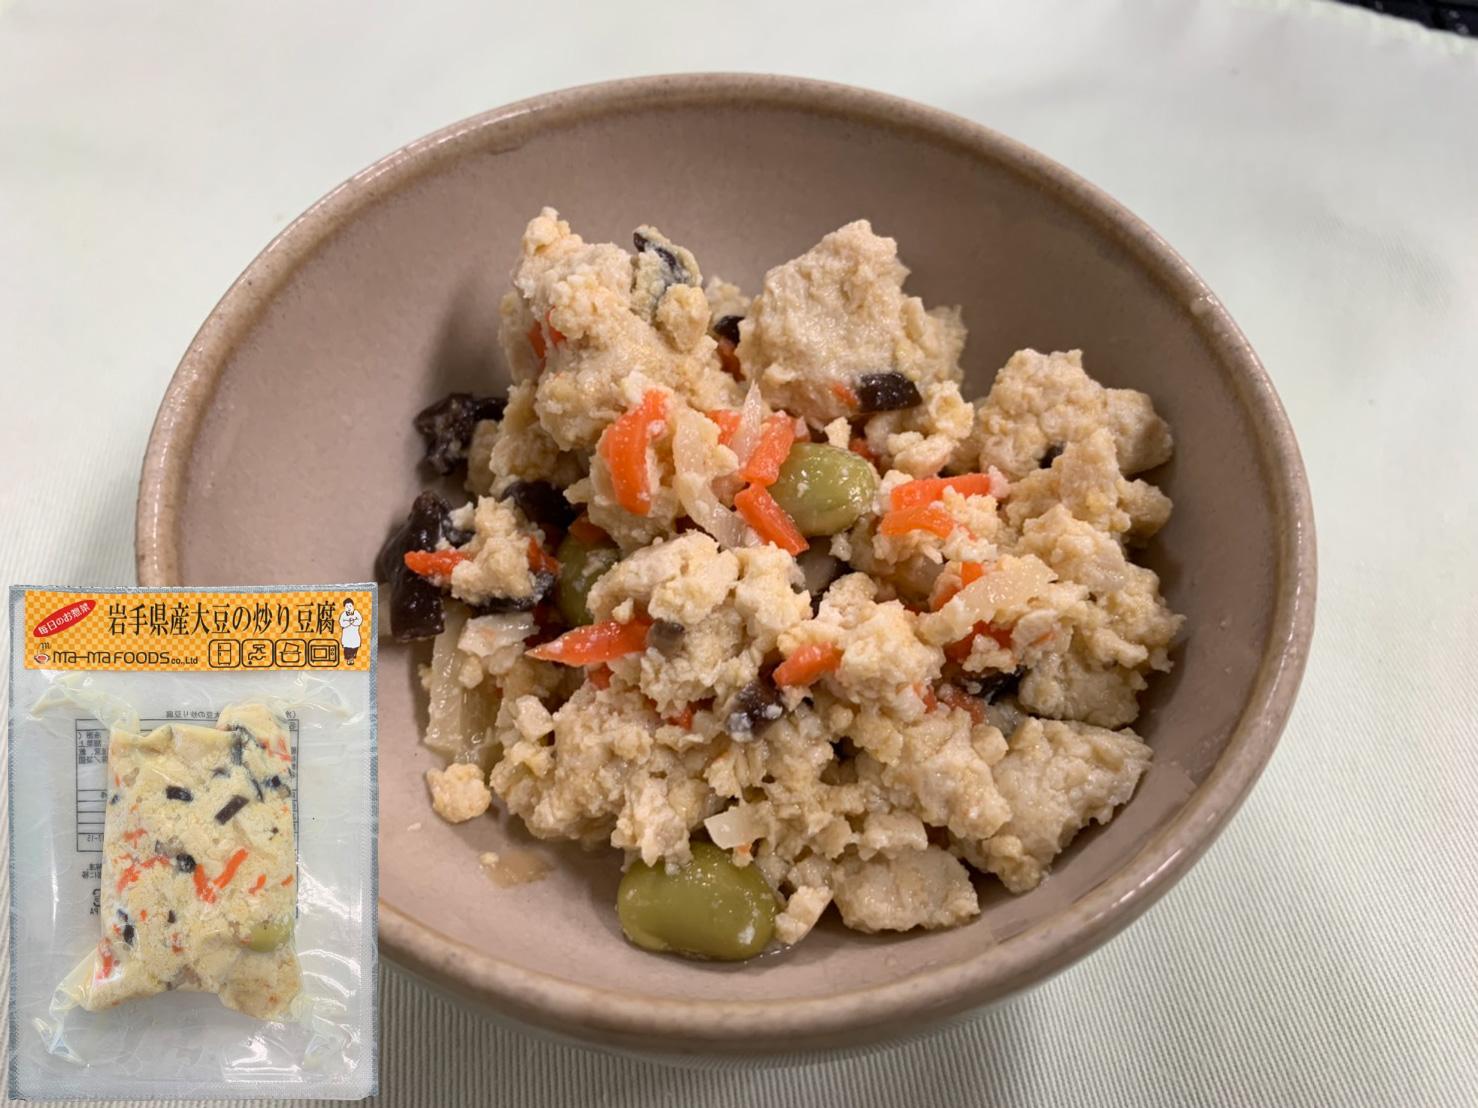 岩手県産大豆の炒り豆腐